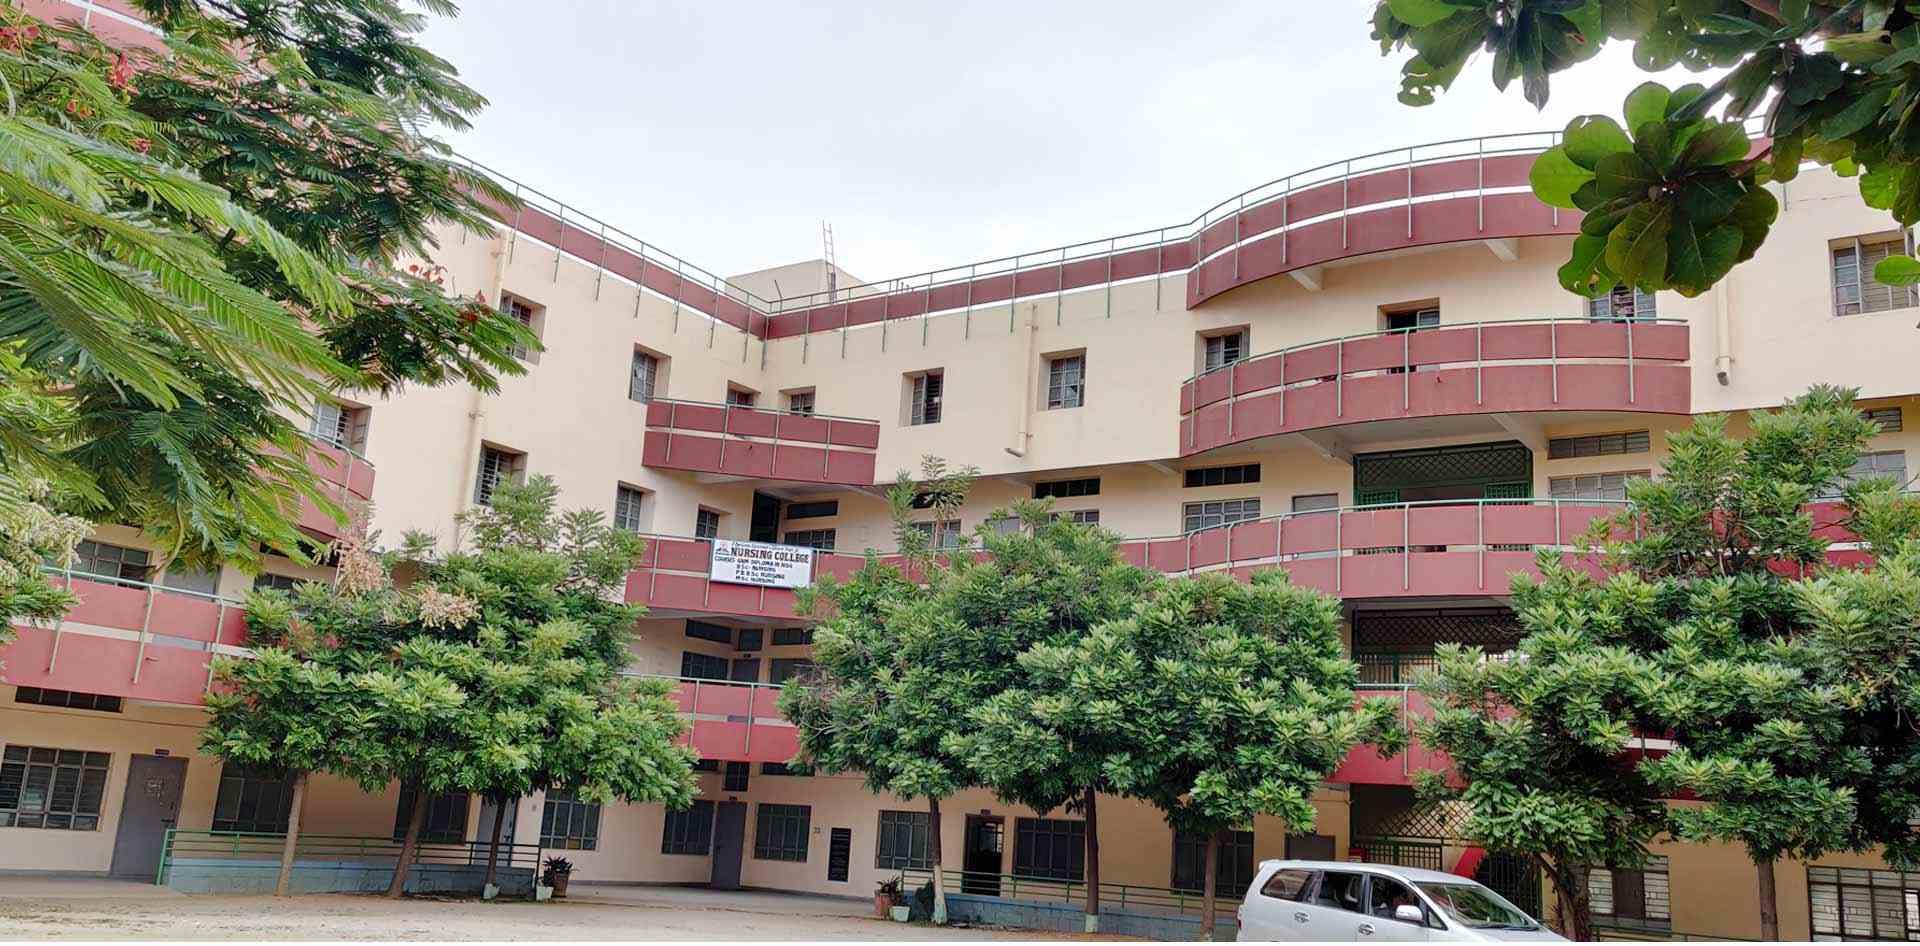 Pavan School and College of Nursing, Kolar